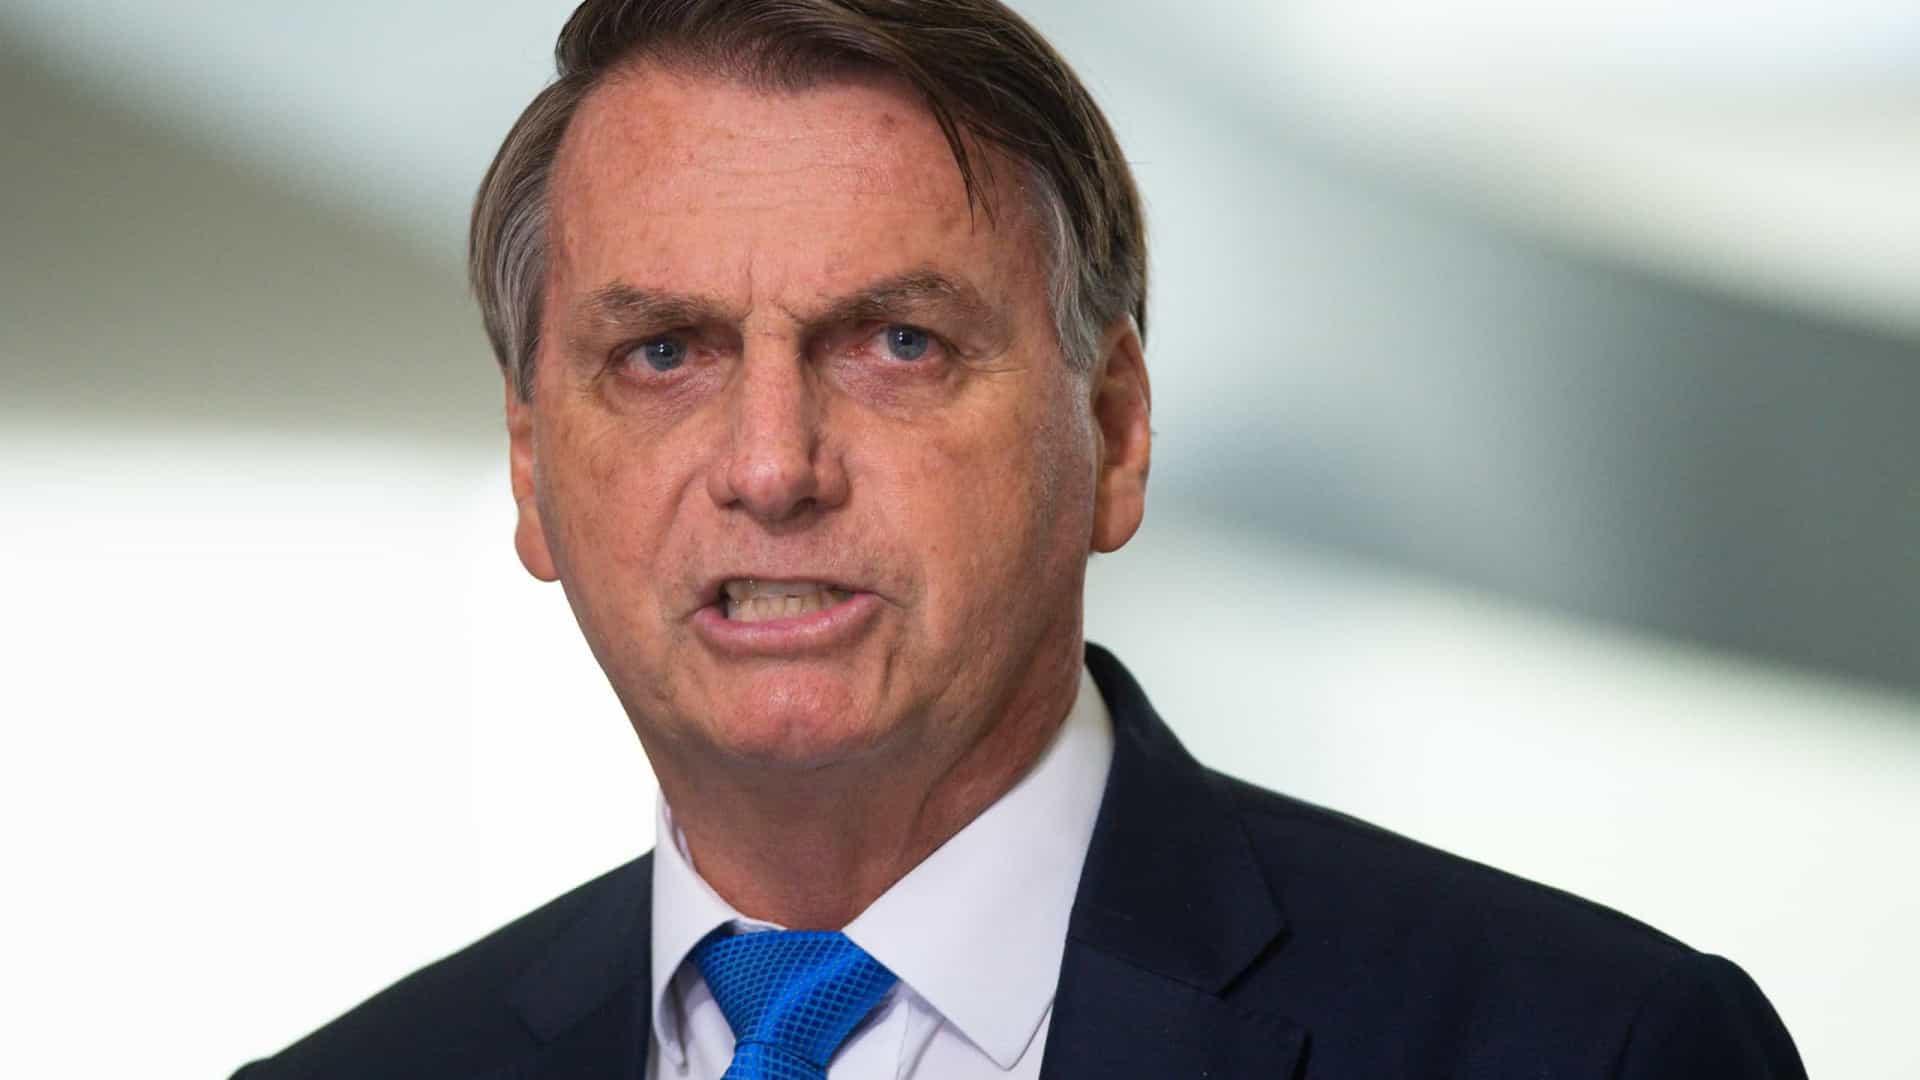 Após protestos em mais de 200 cidades, Bolsonaro diz que 'faltou erva' para atos